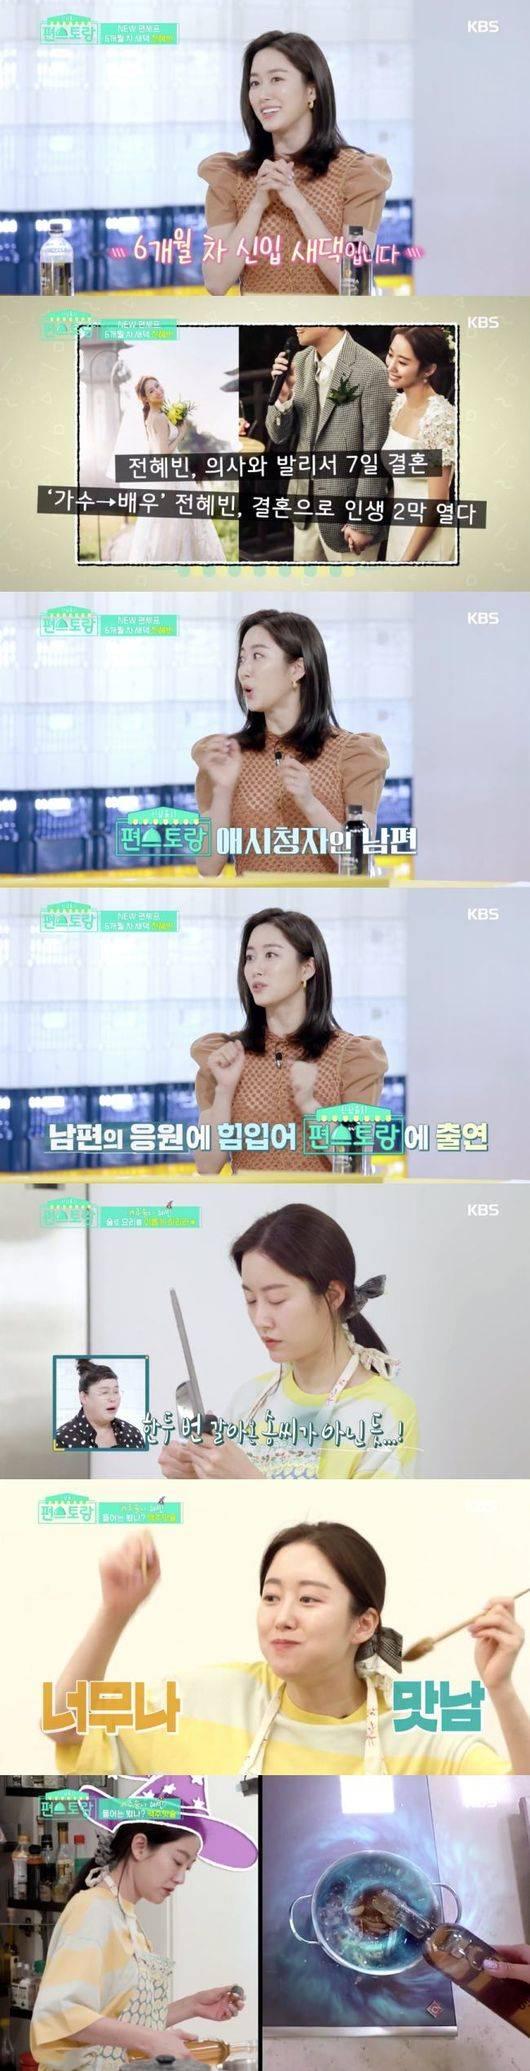 전혜빈 결혼후 첫방송.jpg